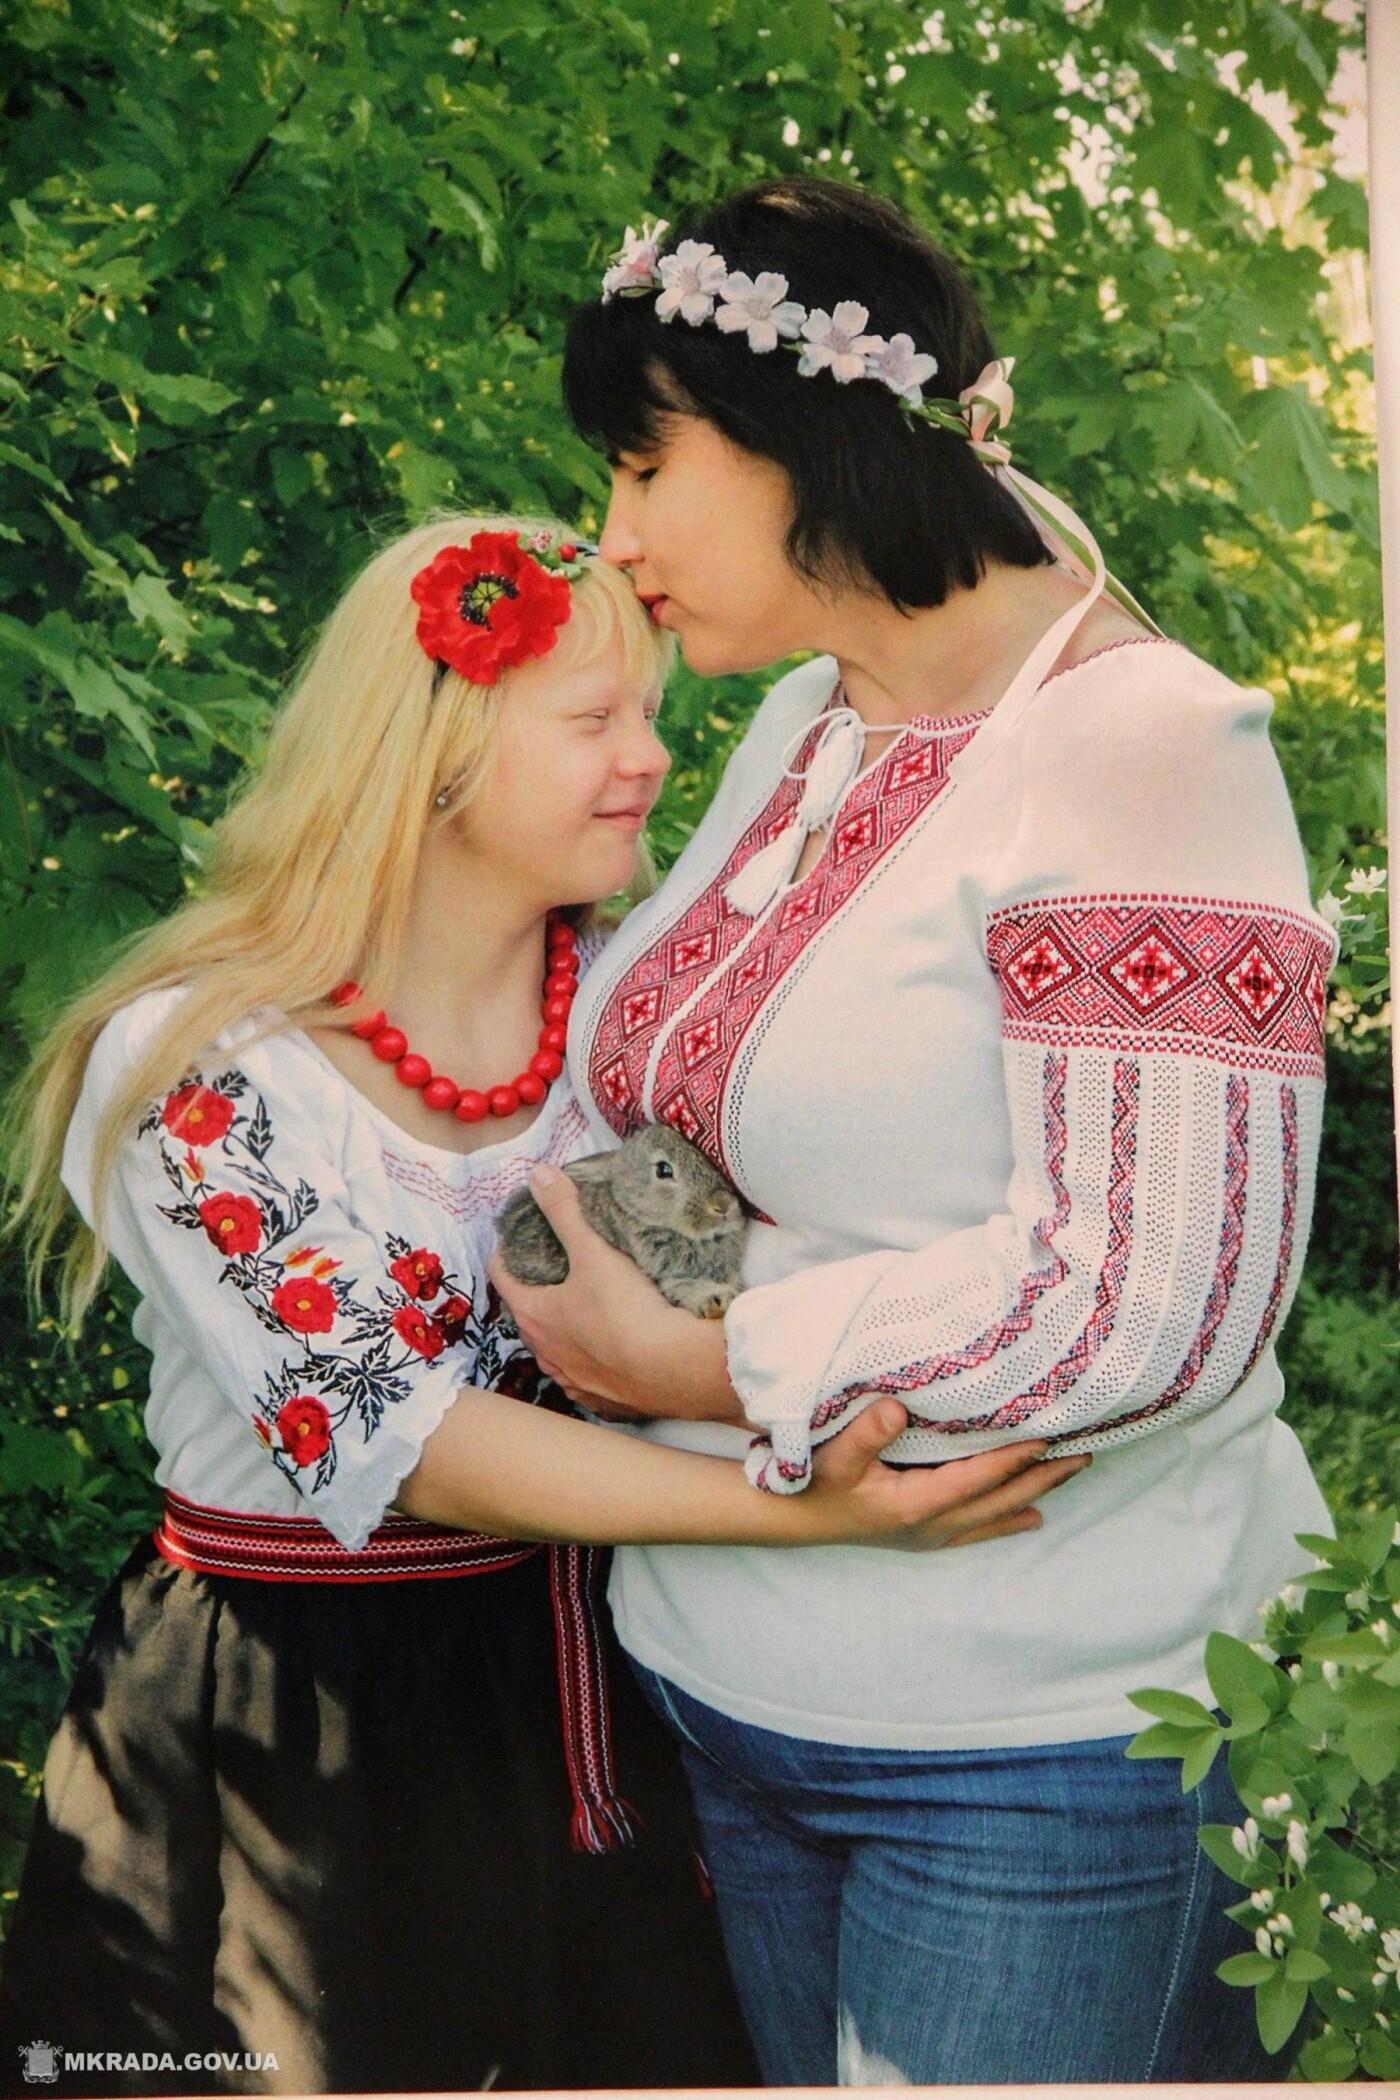 В Николаевском горсовете открылась фотовыставка «Мы - неповторимы!», - ФОТО, фото-2